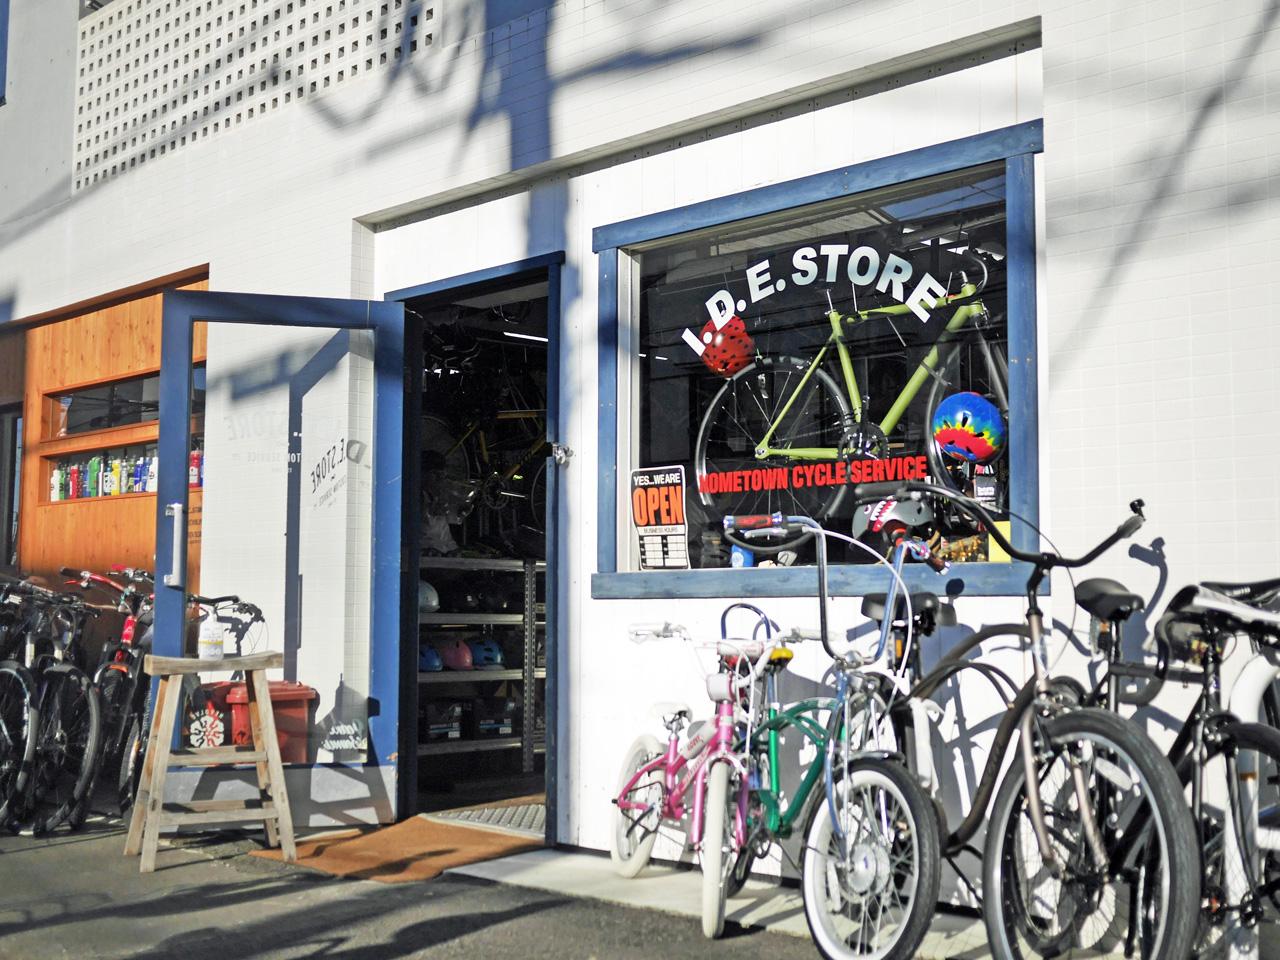 気さくな自転車店 I.D.E.STORE に立ち寄る